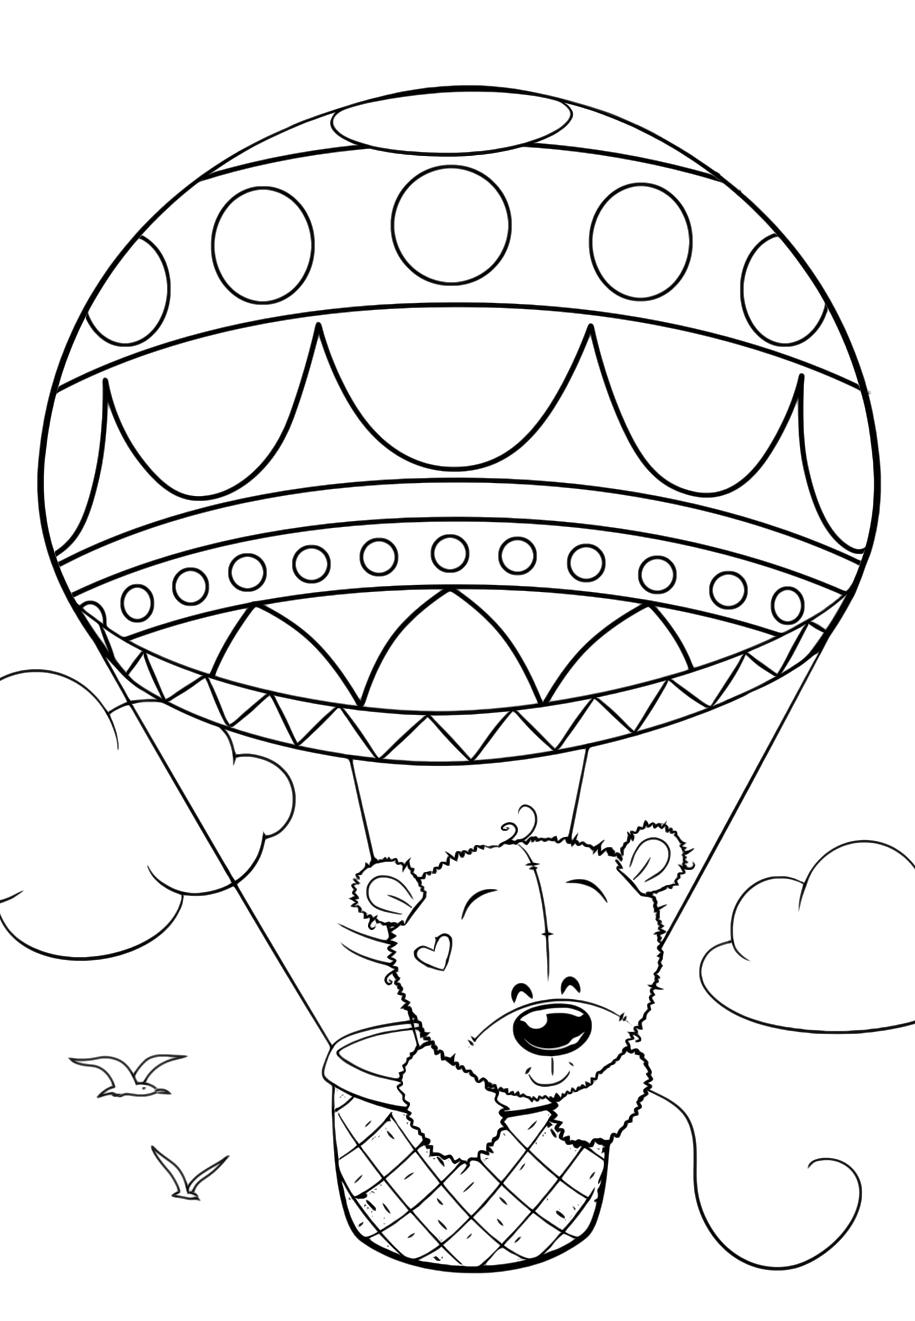 Обои на рабочий стол воздушные шары и небо разновидностей